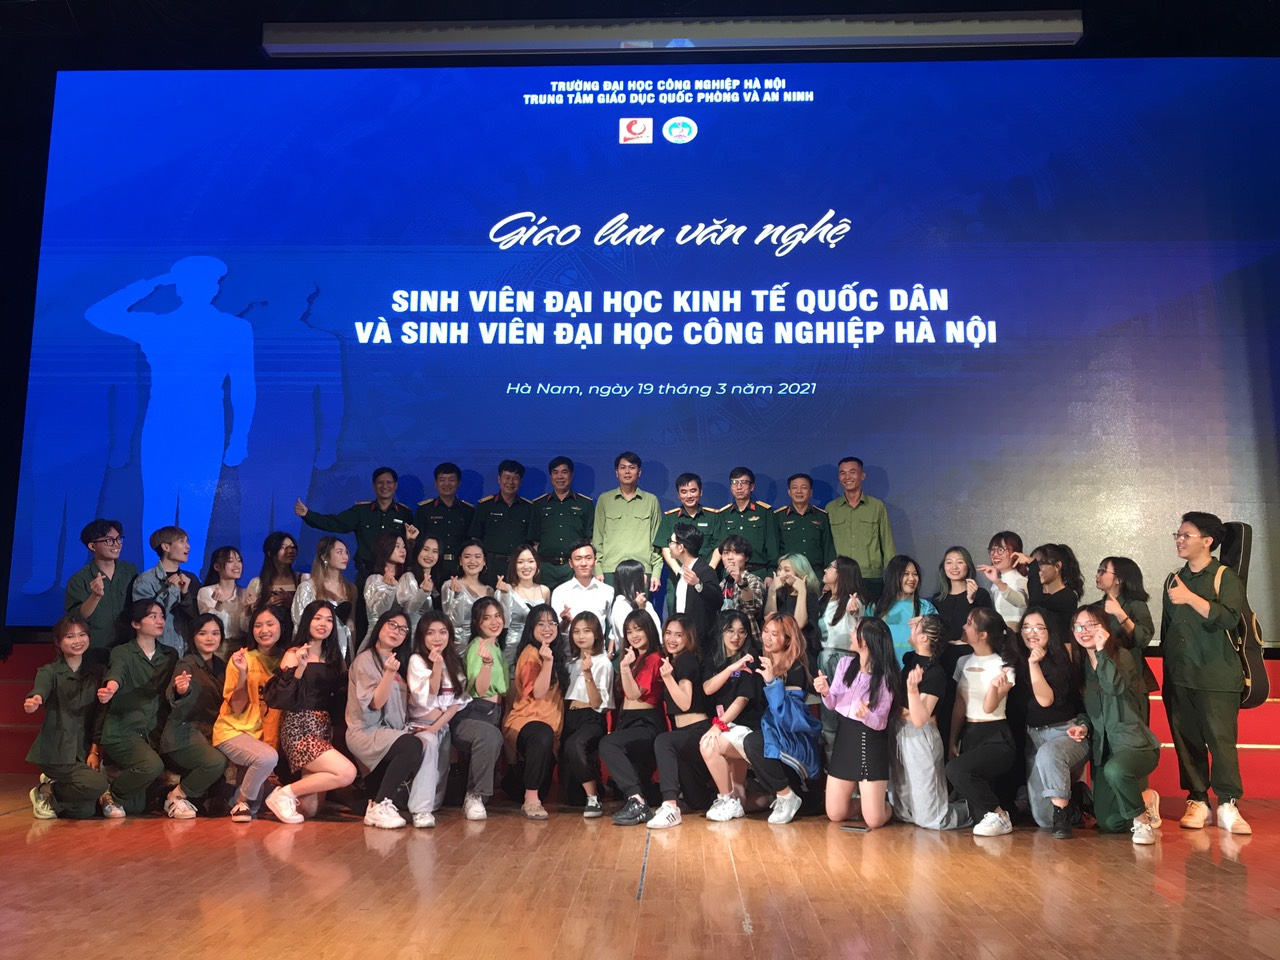 Giao lưu văn nghệ sinh viên Trường Đại học Kinh tế Quốc dân và sinh viên Trường Đại học Công nghiệp Hà Nội